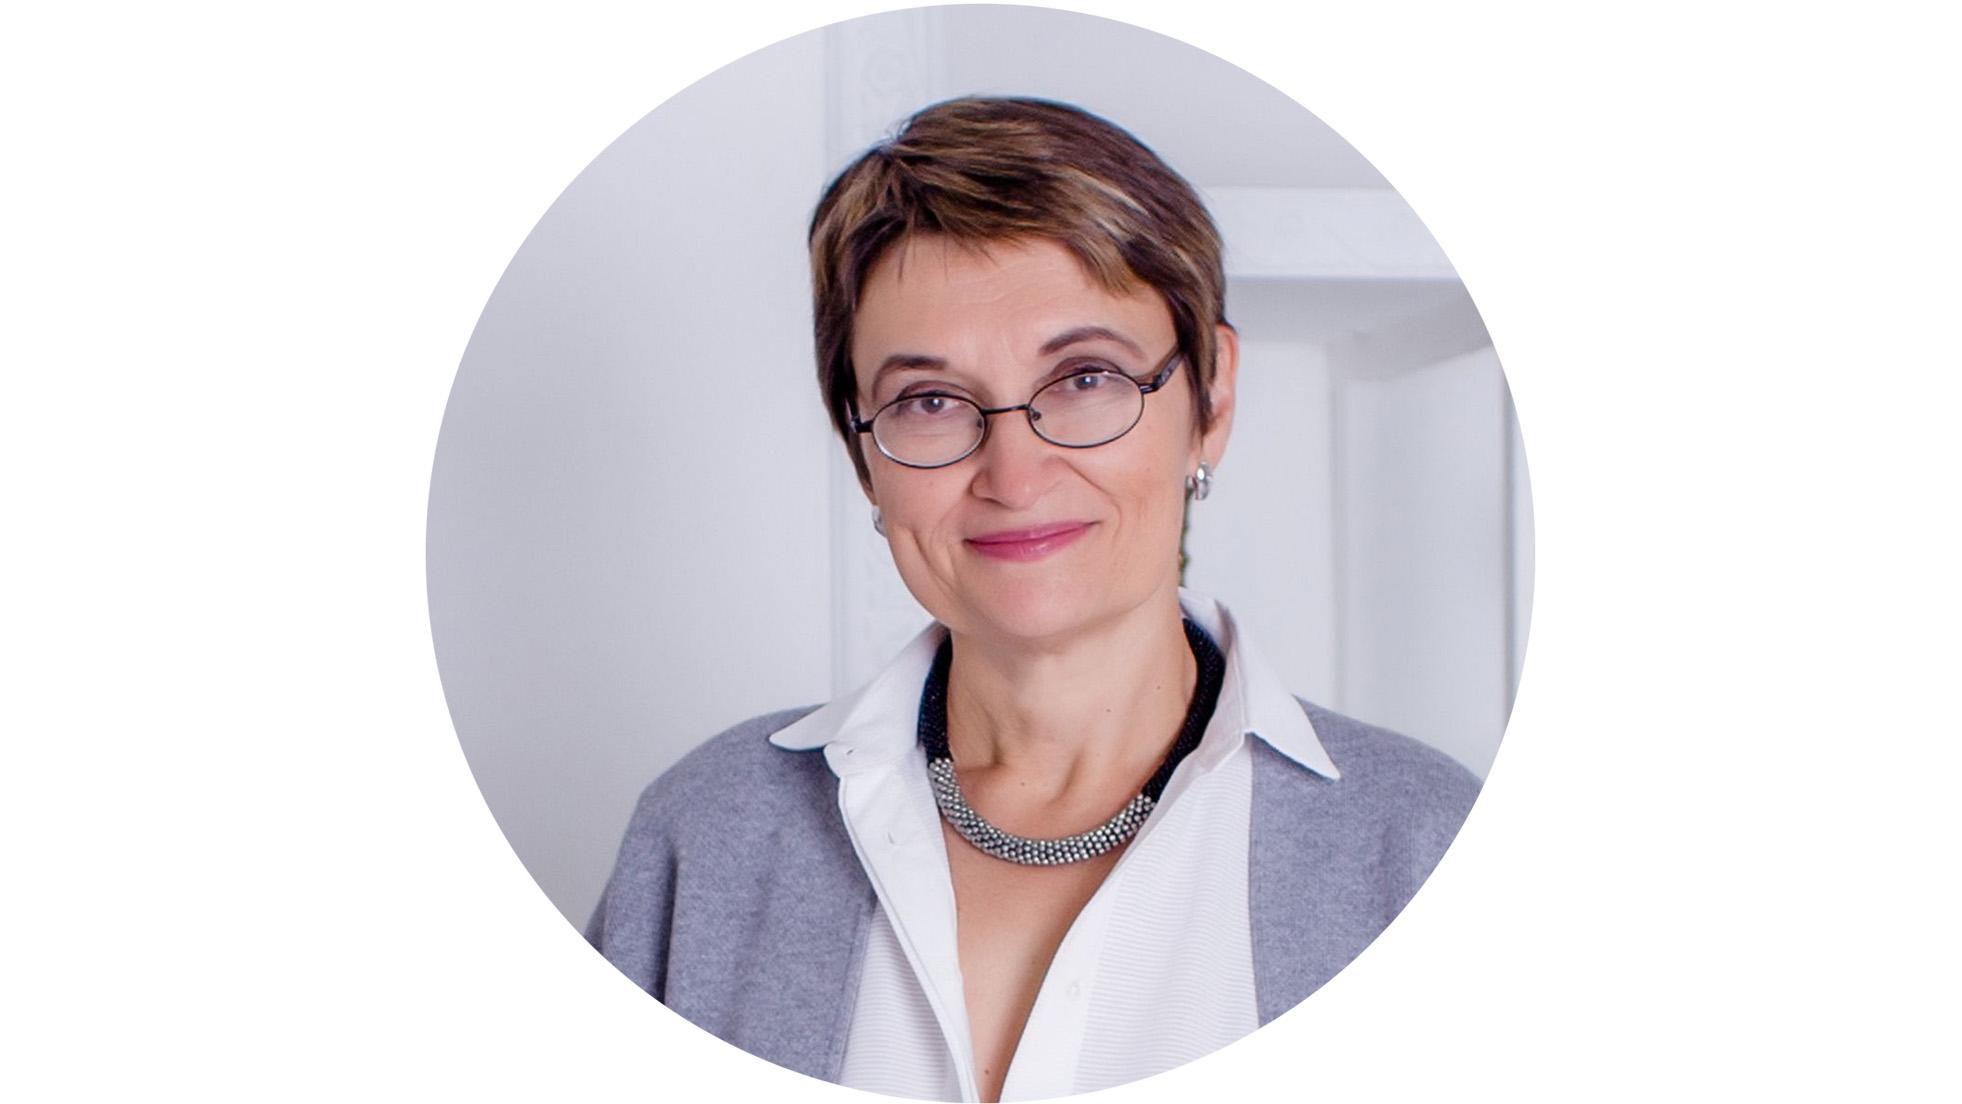 Елена Ярская-Смирнова,социолог, главный редактор «Журнала исследований социальной политики», профессор НИУ ВШЭ